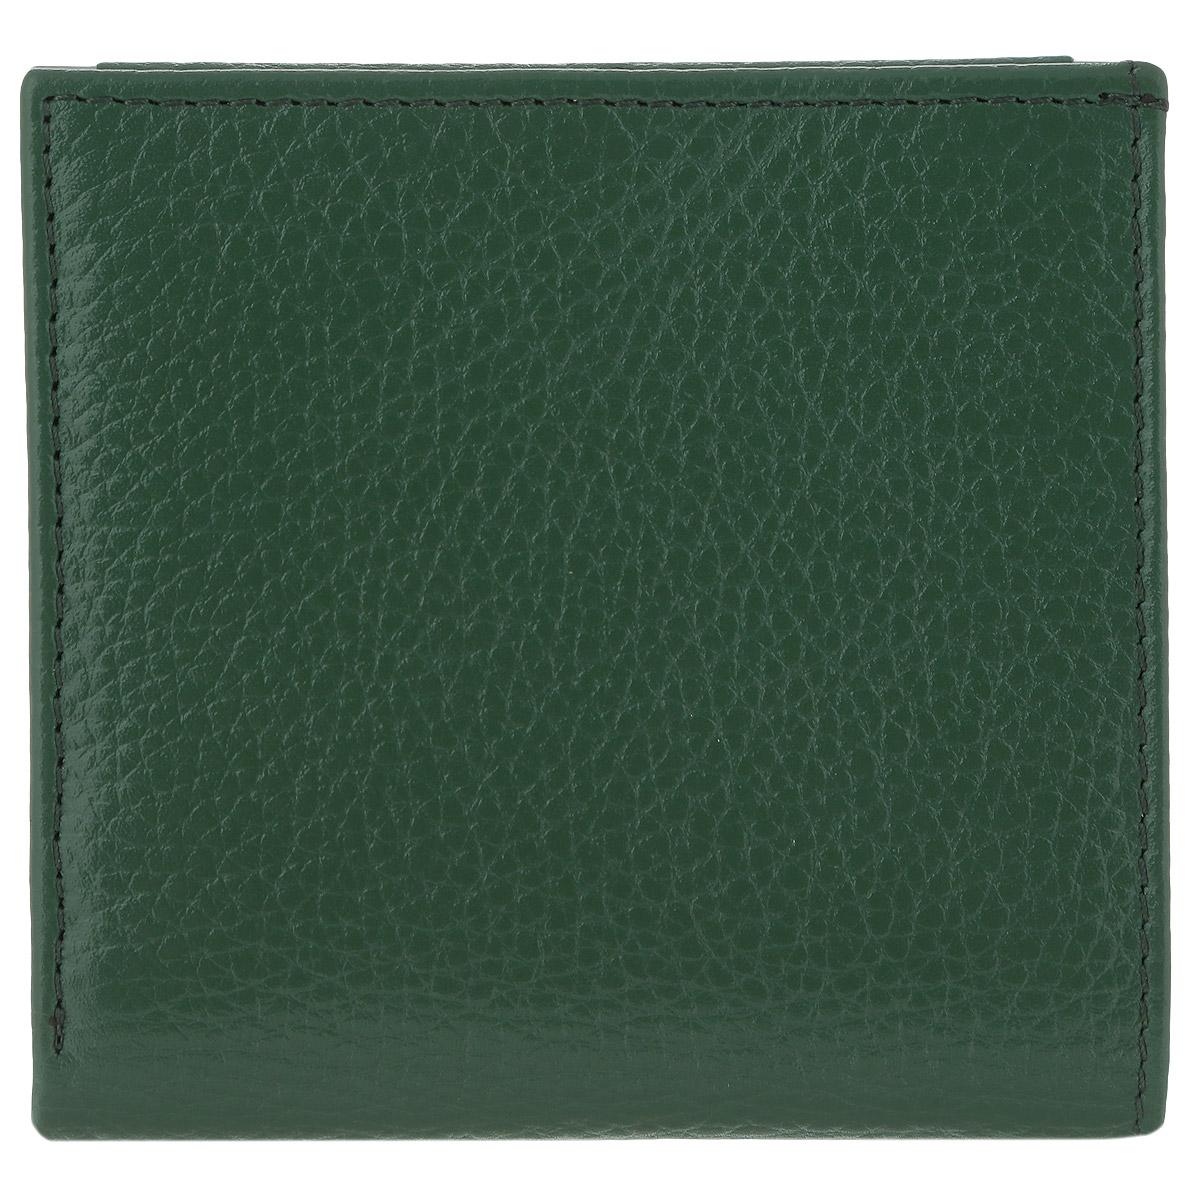 Портмоне женское Butun, цвет: зеленый. 590-004 075590-004 075Женское портмоне Butun выполнено из натуральной высококачественной кожи с натуральным тиснением. Портмоне состоит из двух отделений для купюр, разделенных средником. На створках портмоне расположены три прорезных вертикальных и два горизонтальных кармашка для карт, и горизонтальный кармашек для карточек и визиток с полупрозрачным окошком-сеткой. Также портмоне дополнено отделением для монет на клапане с кнопкой, с дополнительным открытым кармашком. Портмоне закрывается на кнопку, фронтальная сторона оснащена металлическими уголками. Фурнитура оформлена под серебро. Портмоне - это удобный и стильный аксессуар, необходимый каждому активному человеку для хранения денежных купюр, монет, визитных и пластиковых карт, а также небольших документов. Надежное портмоне Butun сочетает в себе классический дизайн и функциональность, и не только практично в использовании, но и станет отличным дополнением к любому стилю, и позволит вам подчеркнуть свою индивидуальность. Портмоне...